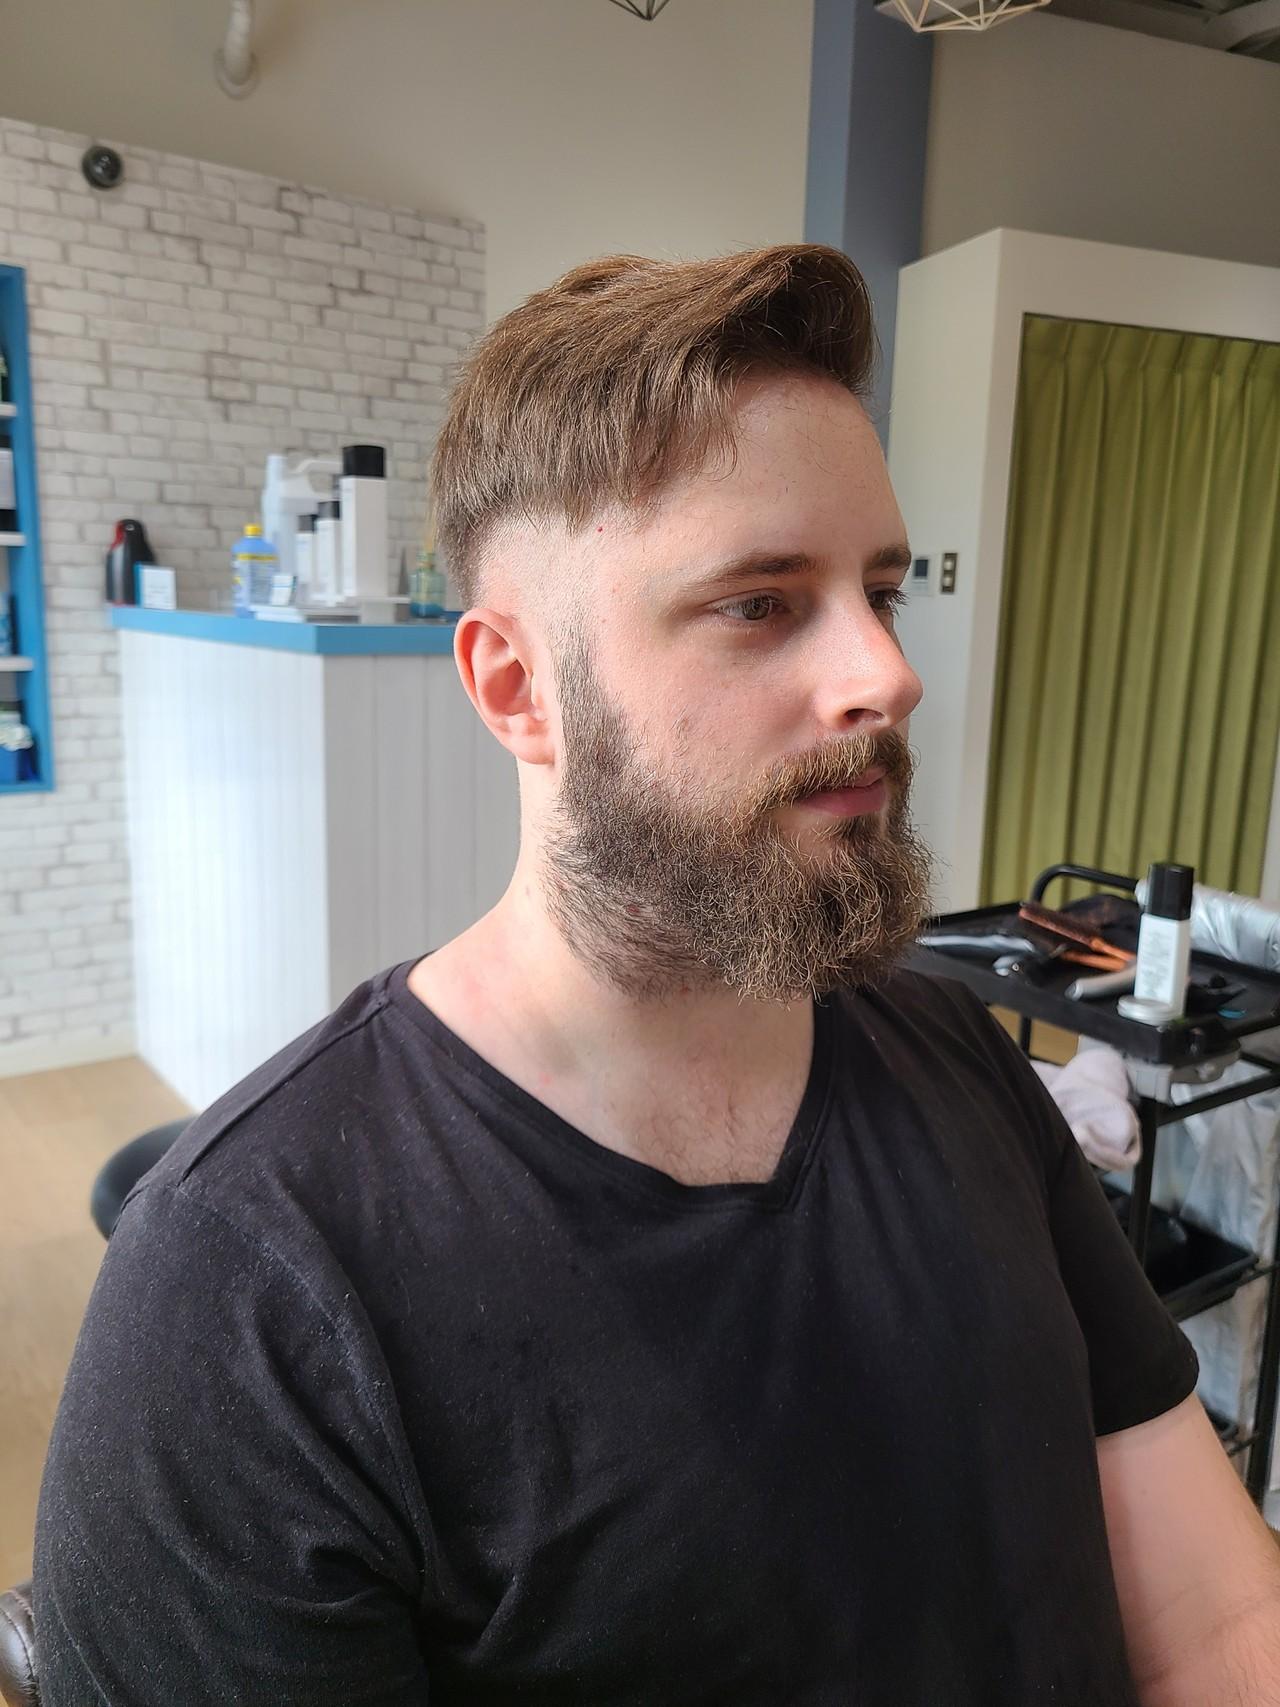 ショート ストリート メンズ メンズヘア ヘアスタイルや髪型の写真・画像 | 【艶髪・透明感美容師】せのまさる / ヘアー・メイク・コラソン